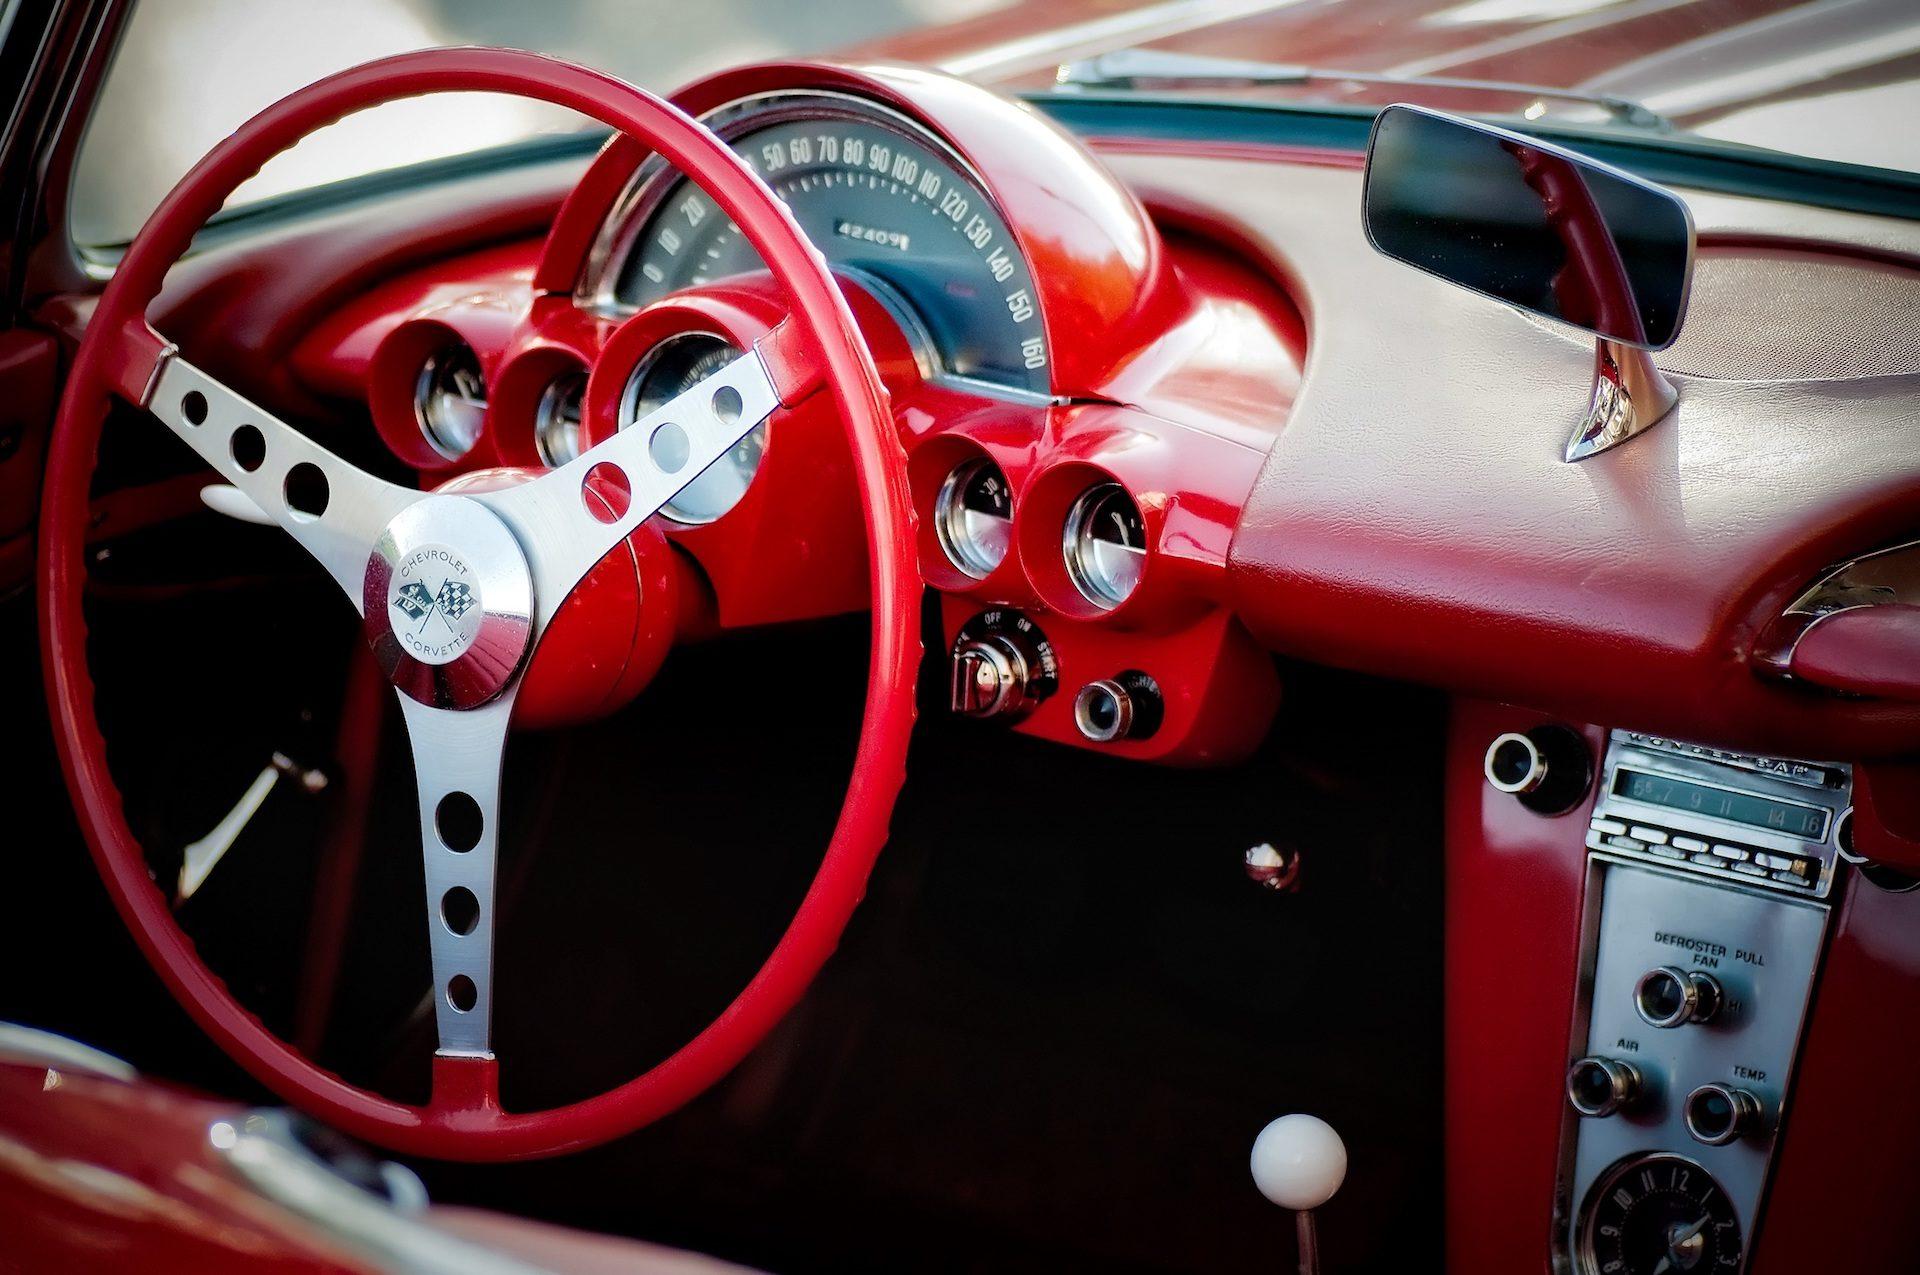 車, 内側, ステアリング ホイール, ダッシュ ボード, 赤, ヴィンテージ, 古い, シボレー, コルベット - HD の壁紙 - 教授-falken.com